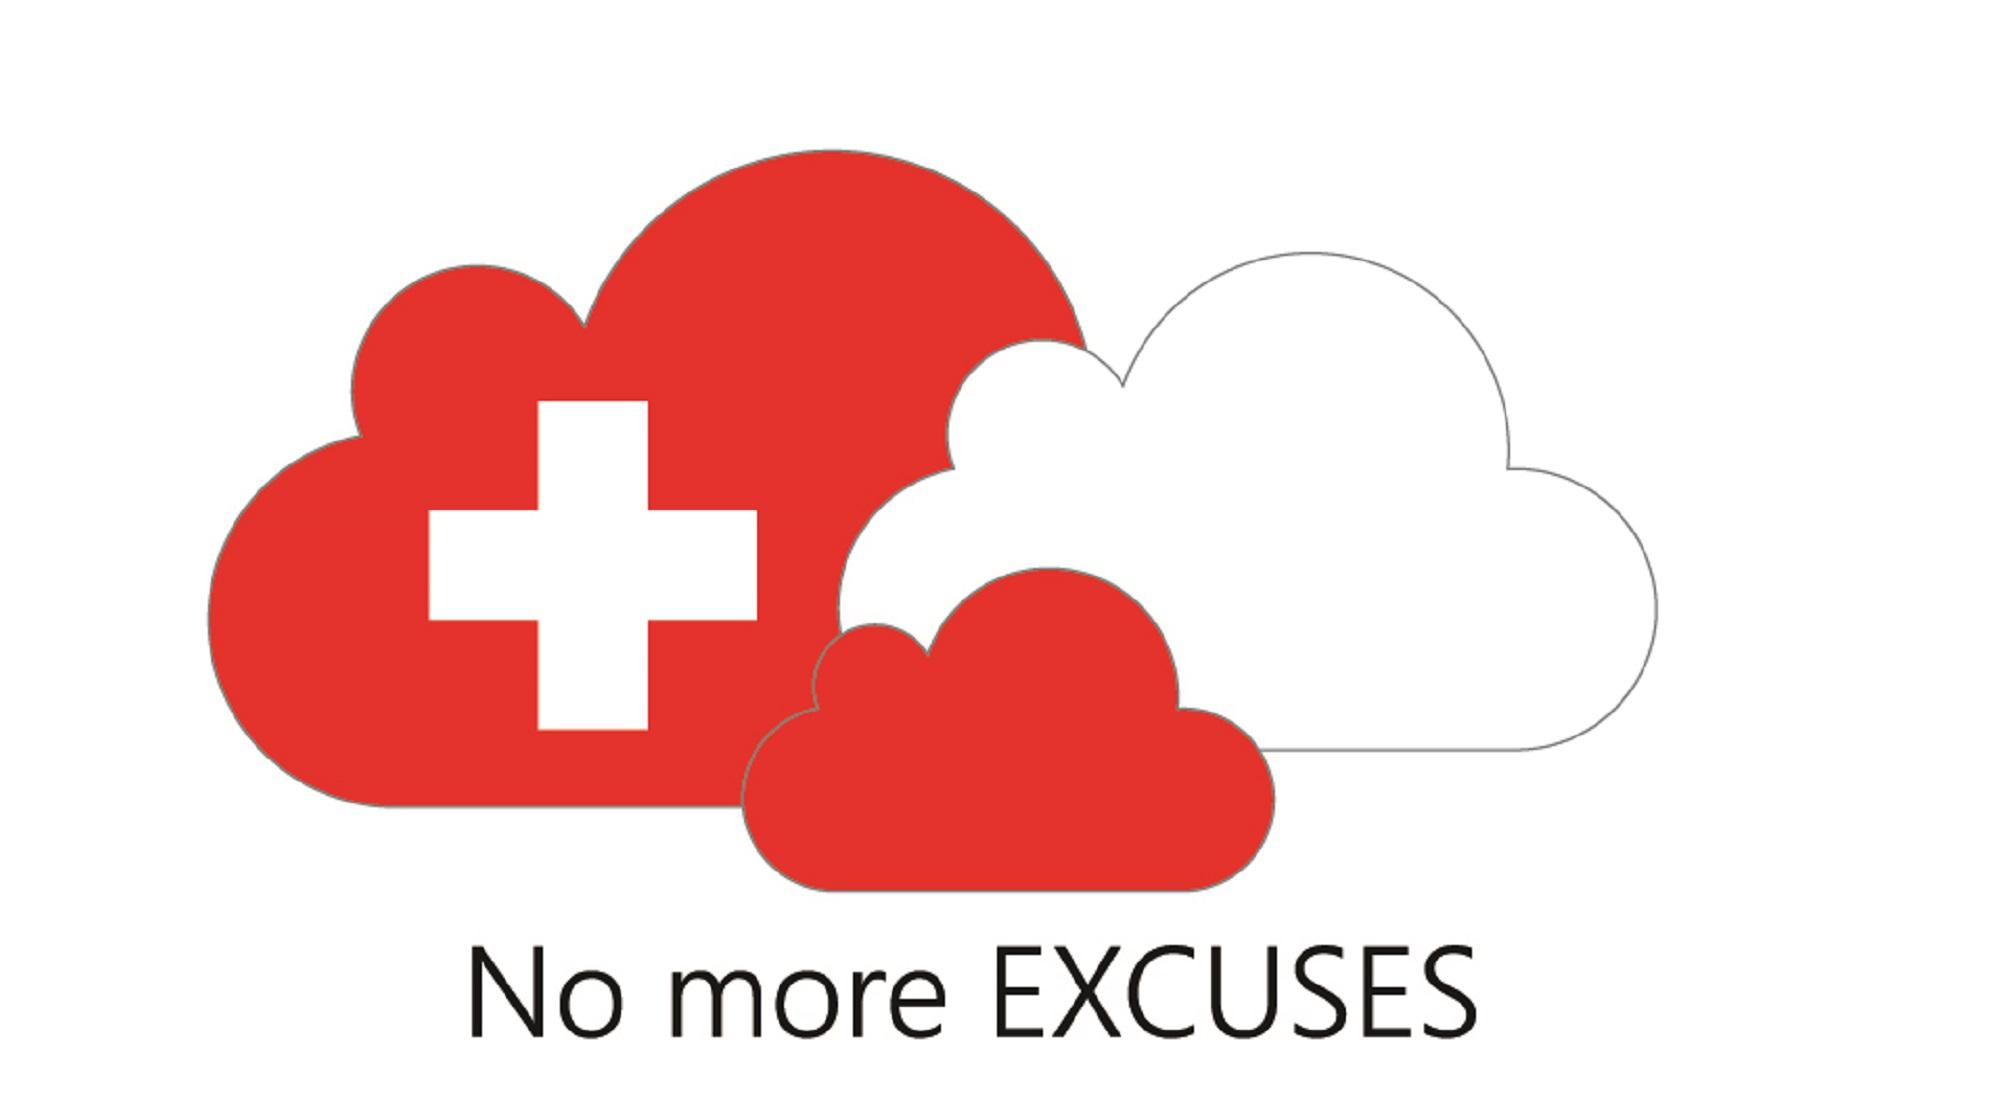 Microsoft Schweiz Logo: mit dem Schweizer Datacenter von Microsoft gibt es keine Entschuldigungen mehr Public Cloud nicht in Betracht zu ziehen.